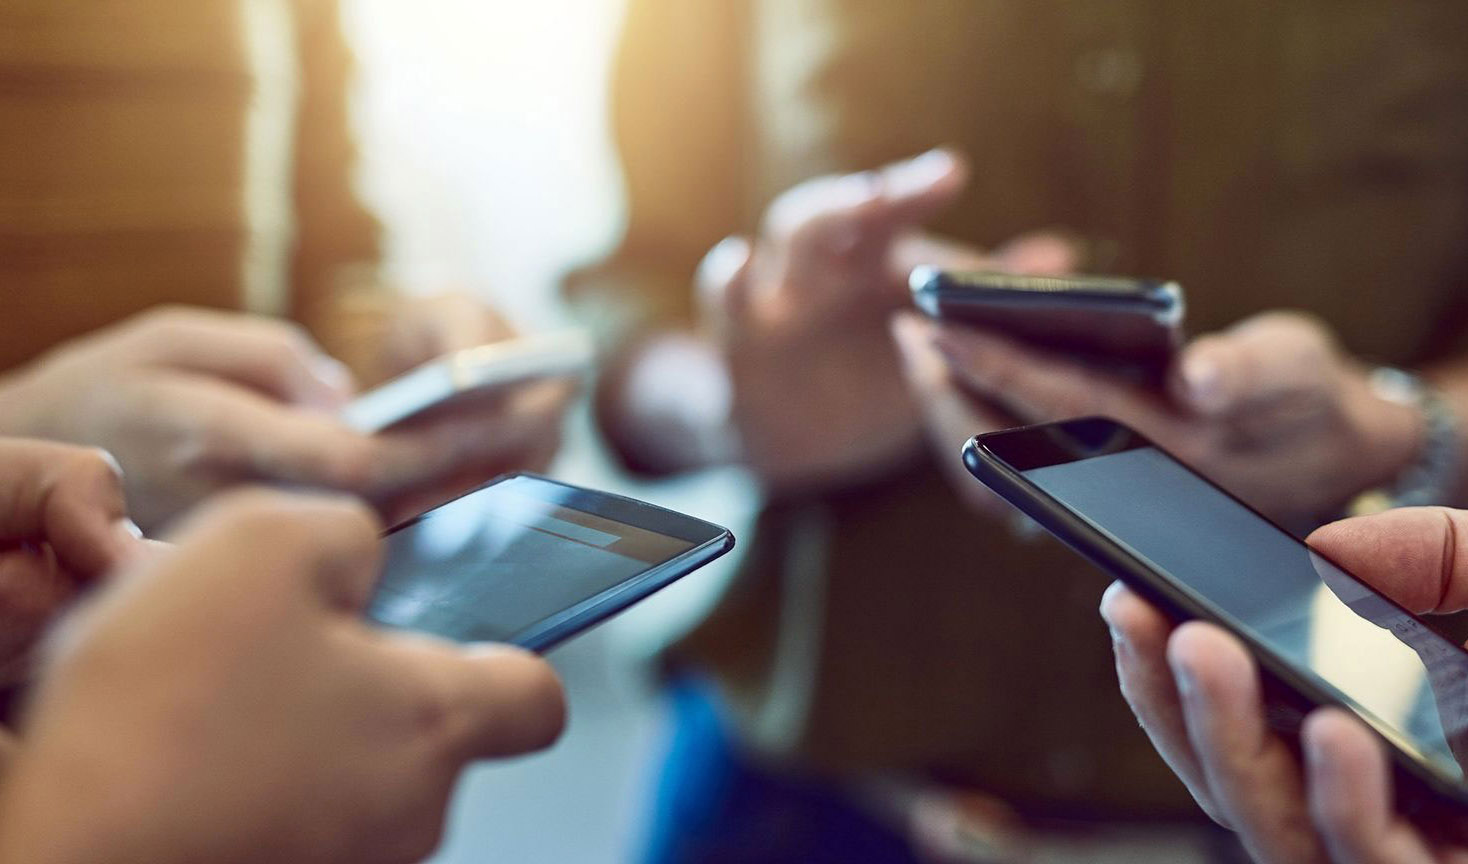 ارتقای 54 درصدی ضریب نفوذ تلفن همراه هوشمند کشور/ افزایش 89 درصدی نرخ کاربران اینترنت